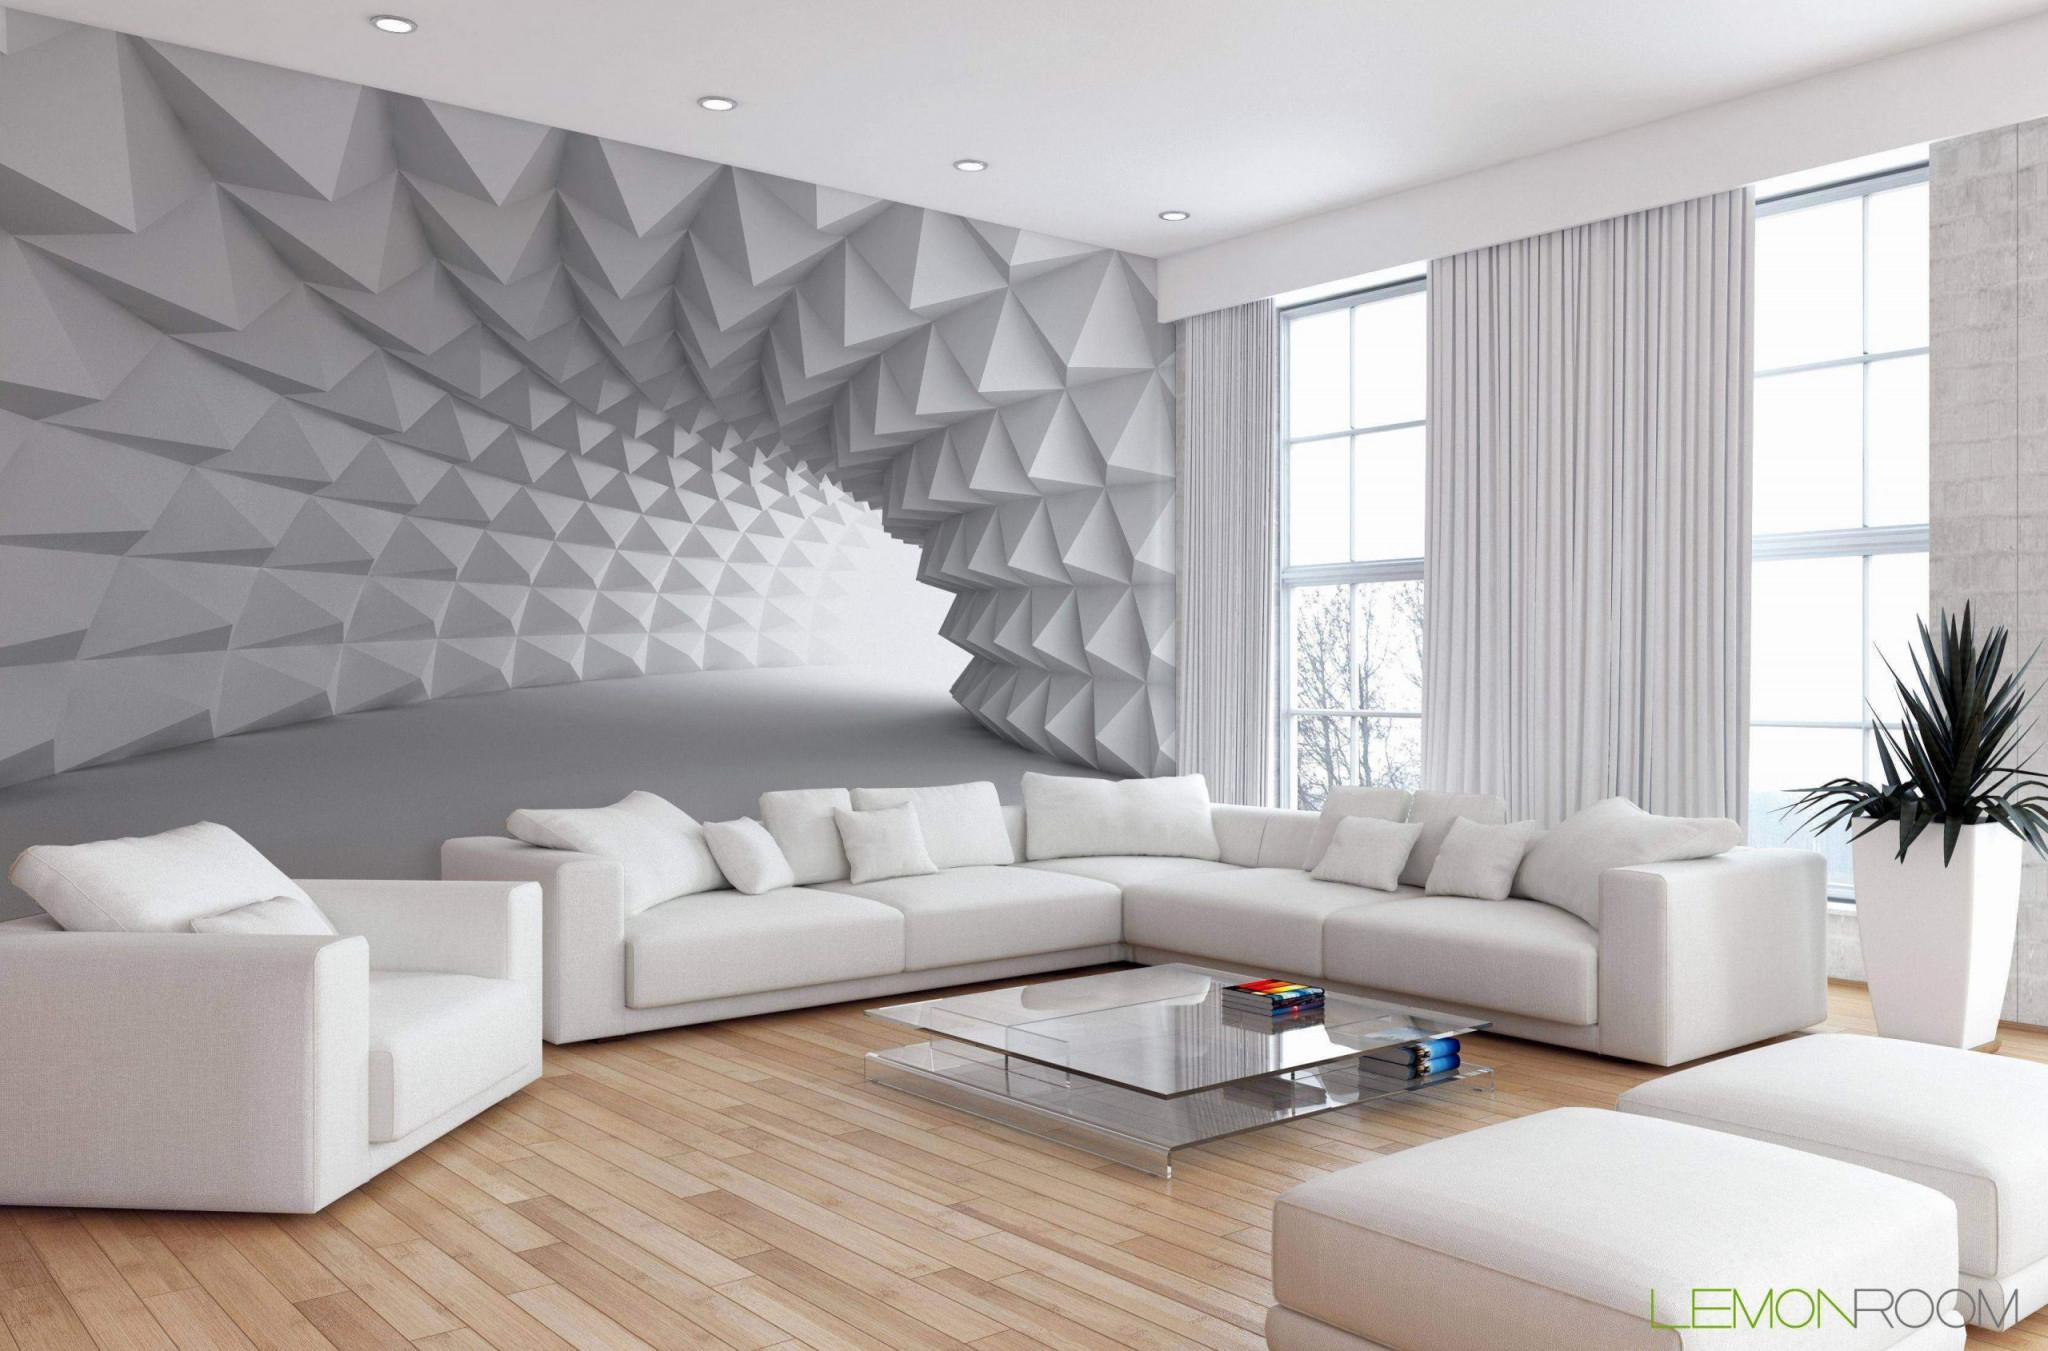 Wohnzimmer Tapezieren Ideen Luxus Tapete Wohnzimmer Ideen von Ideen Wohnzimmer Tapezieren Photo